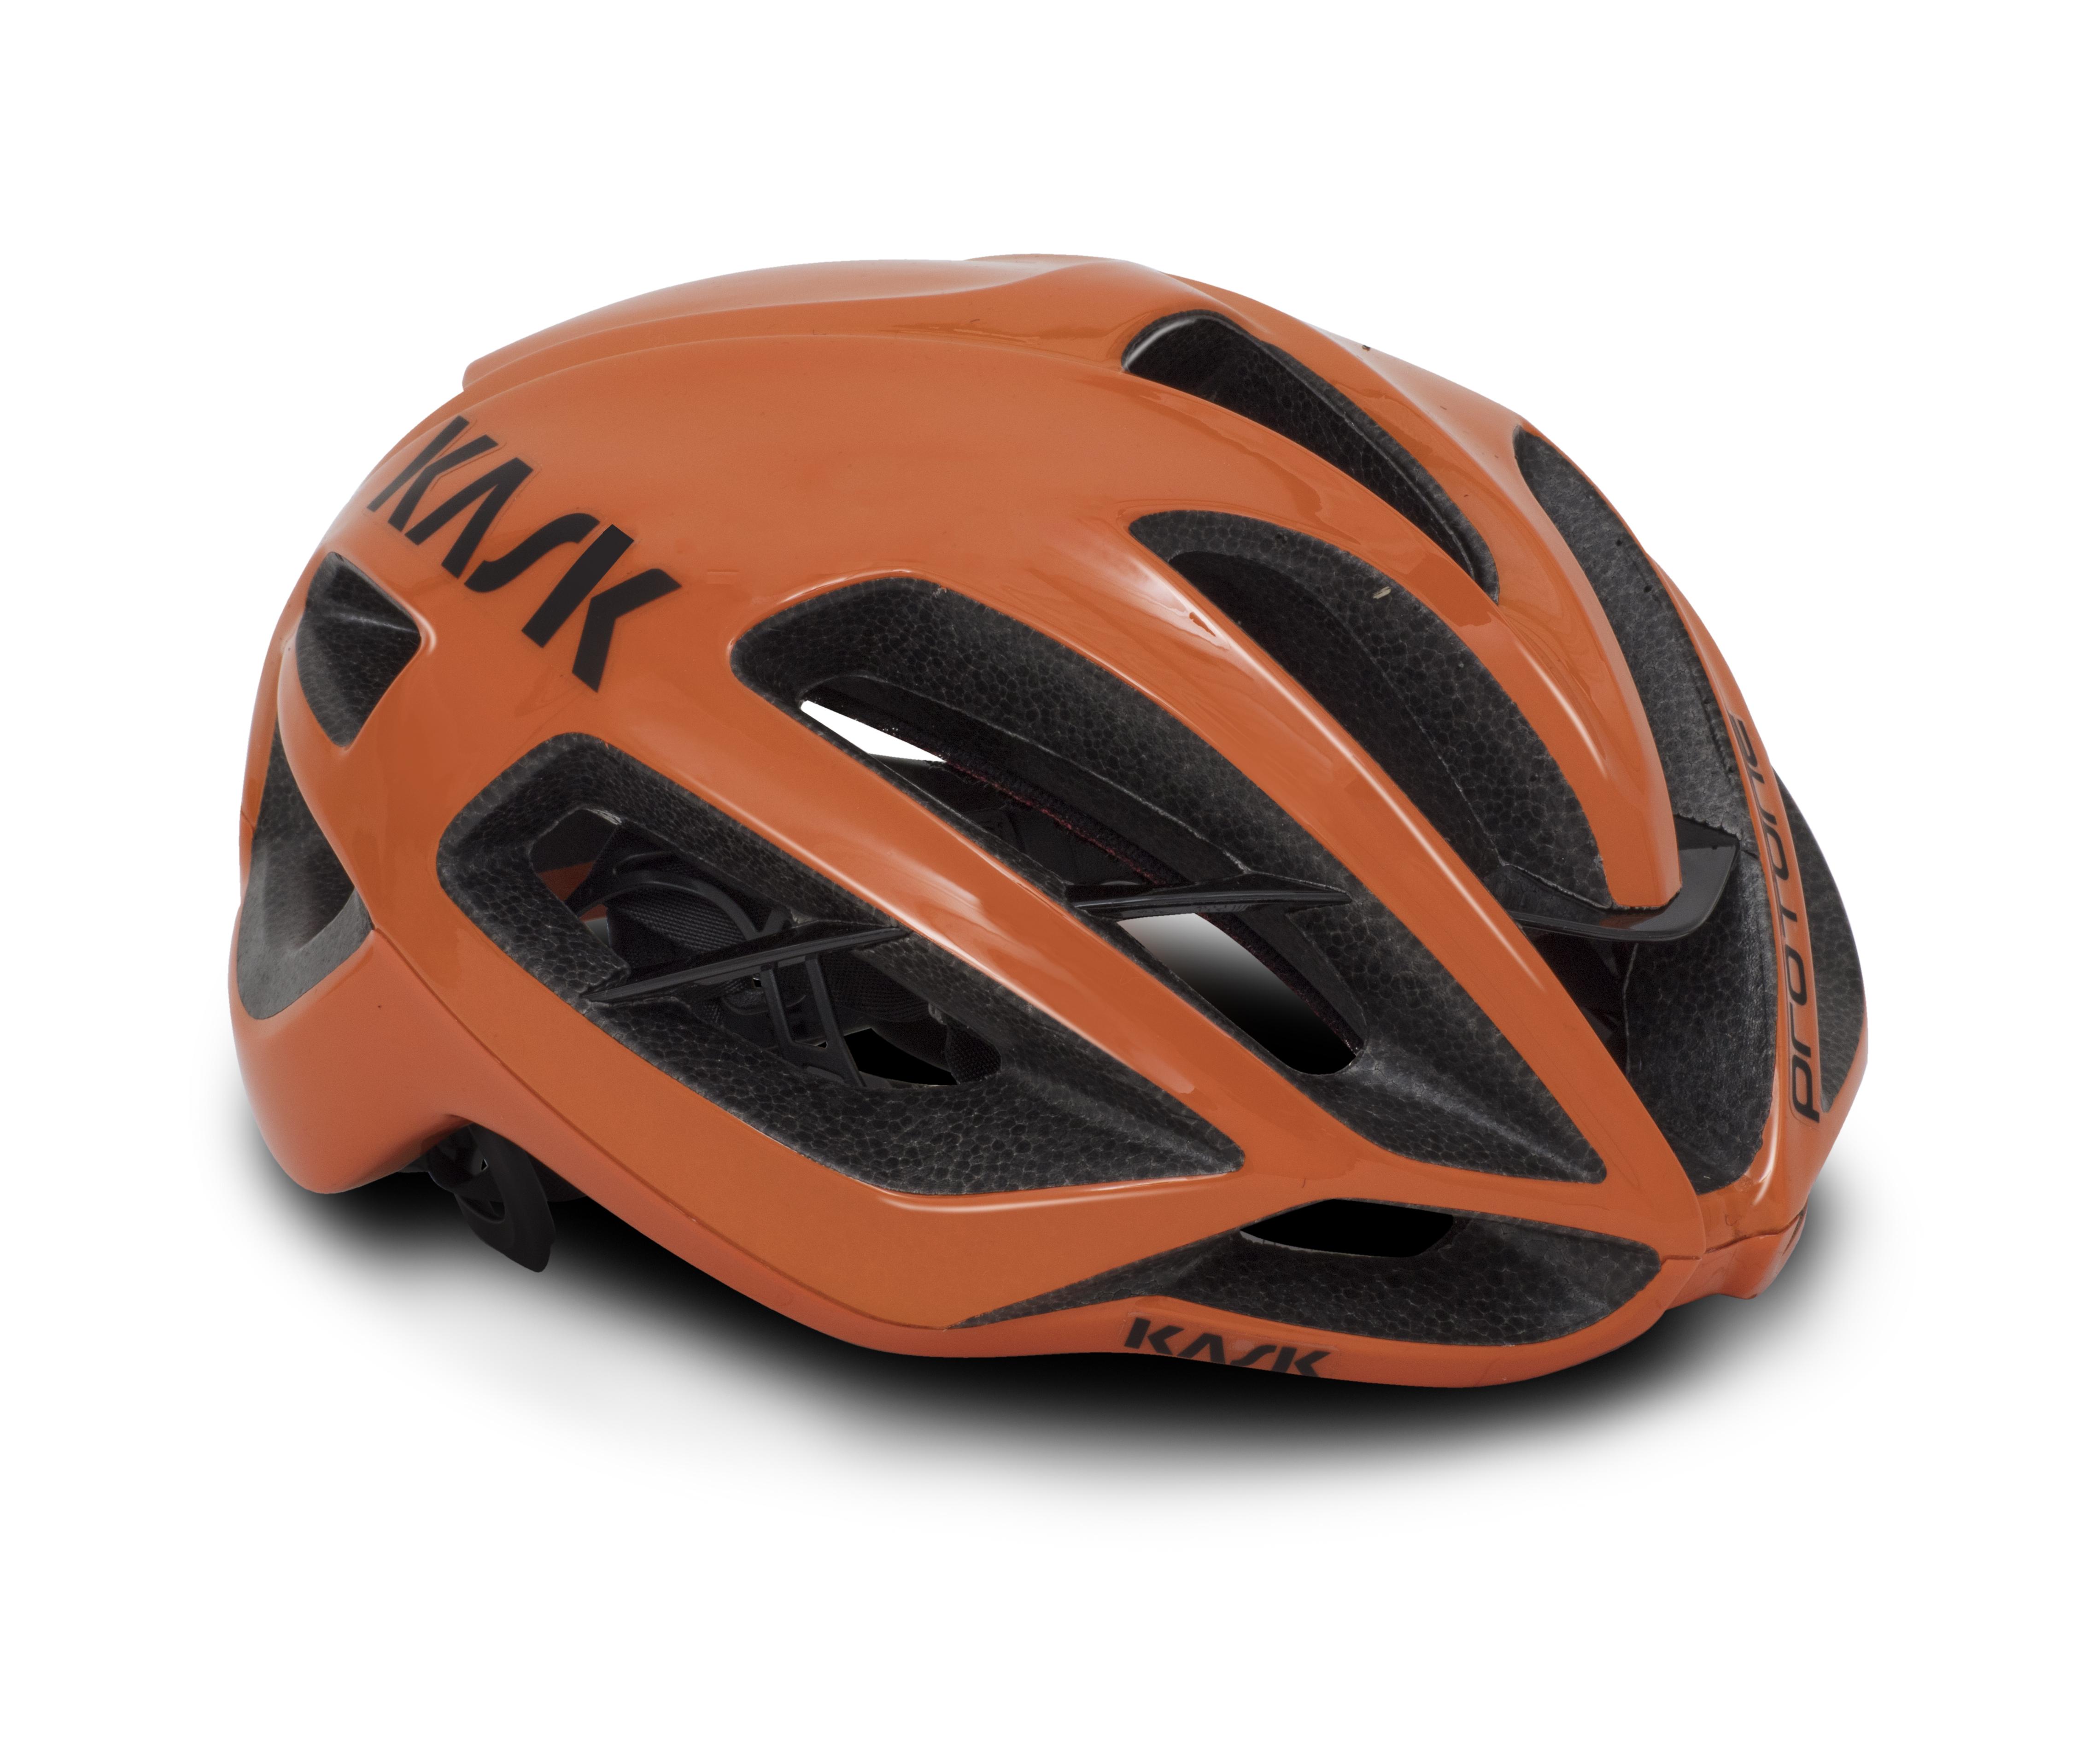 Kask Protone Aero Road Helmet   BURNT ORANGE - 700 95b028de8